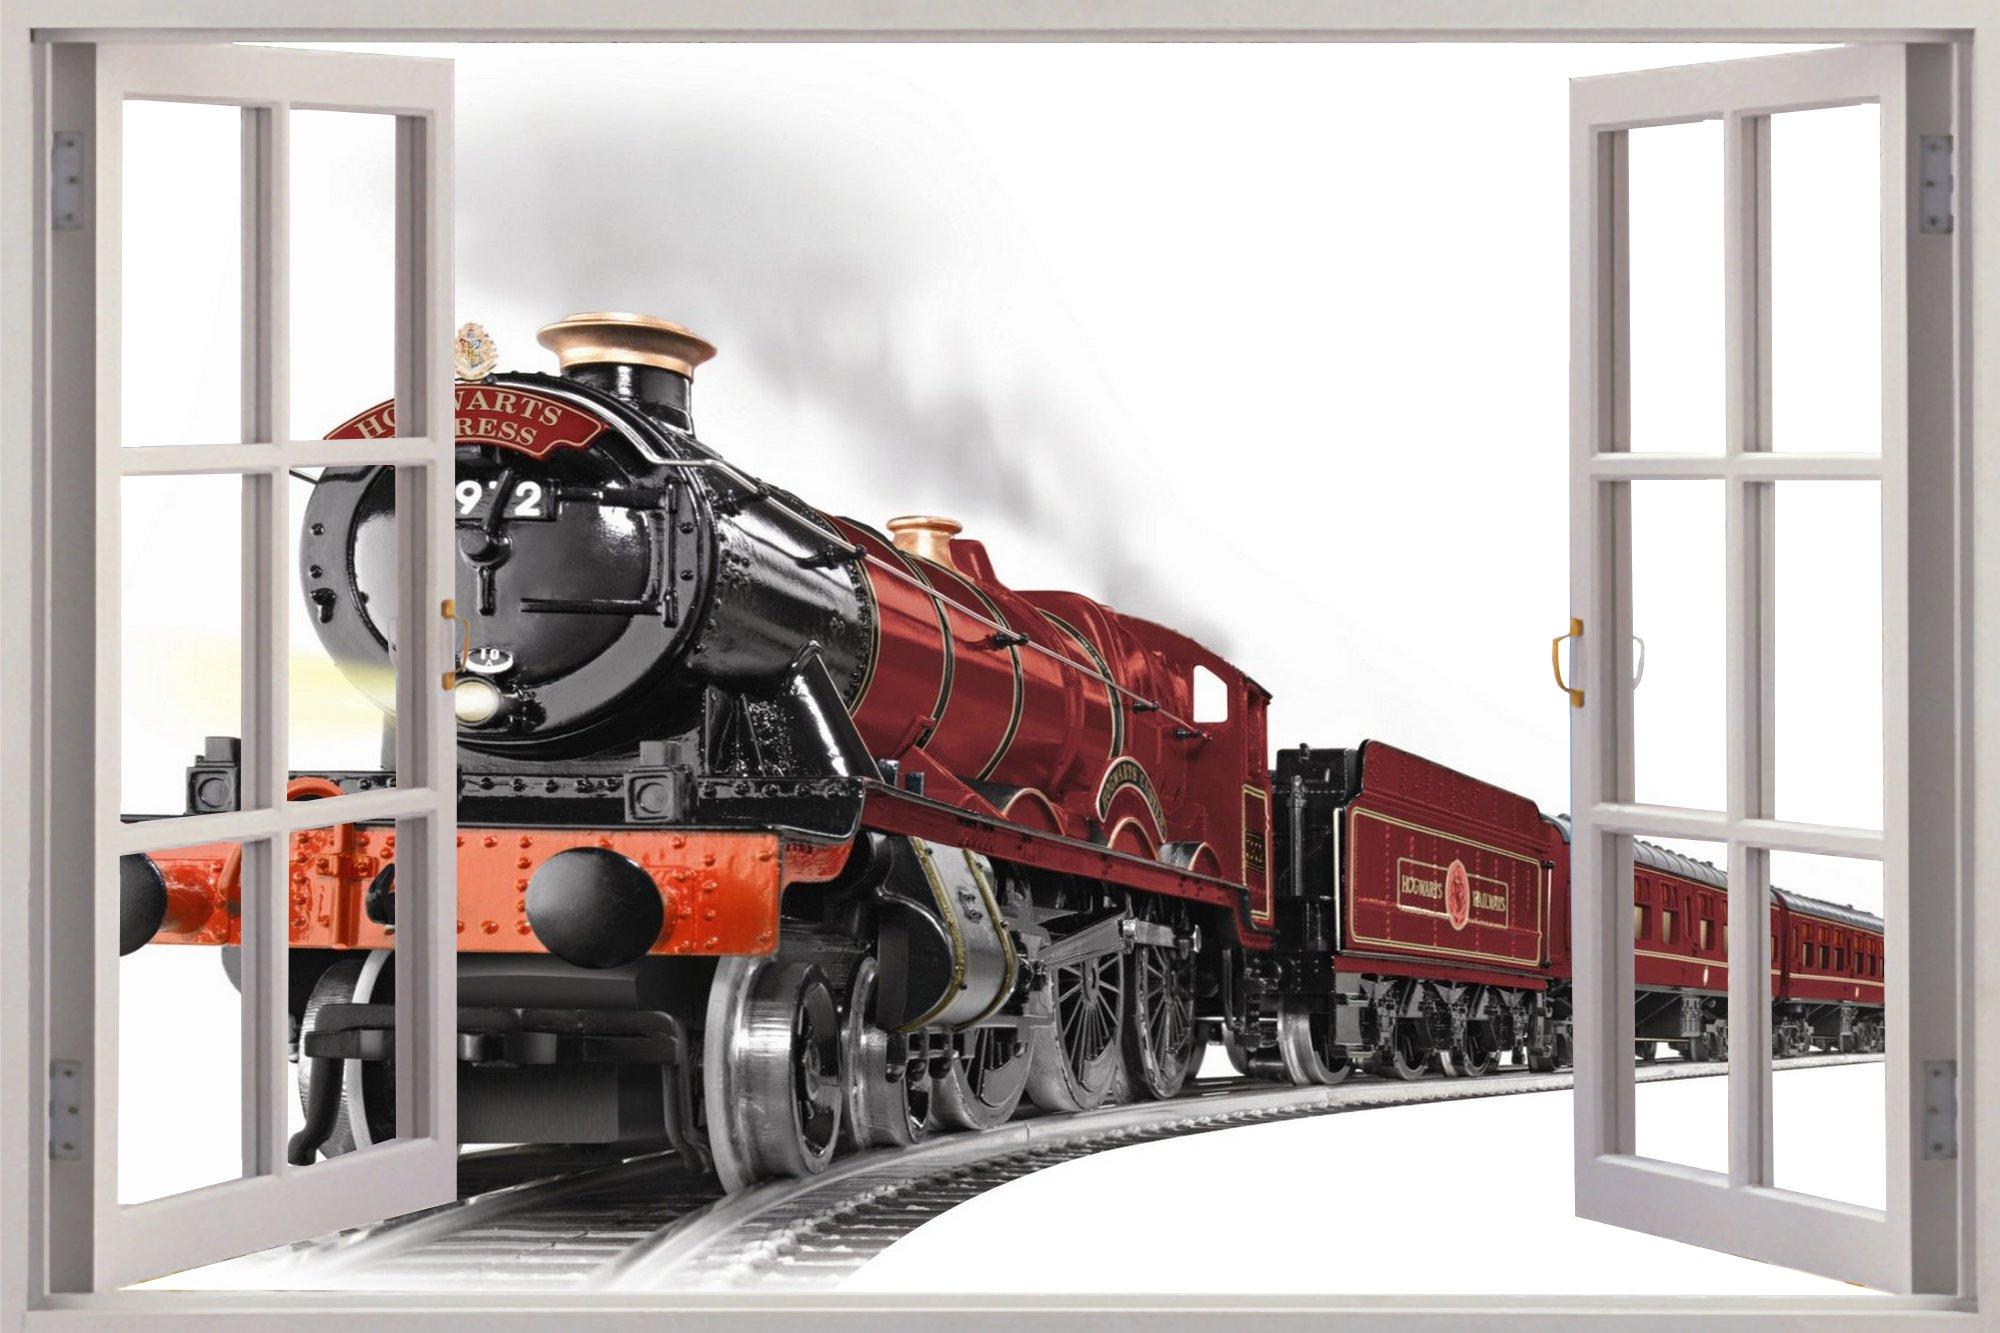 Window Hogwarts Express View Wall Stickers Mural Art Decal Wallpaper 2000x1333